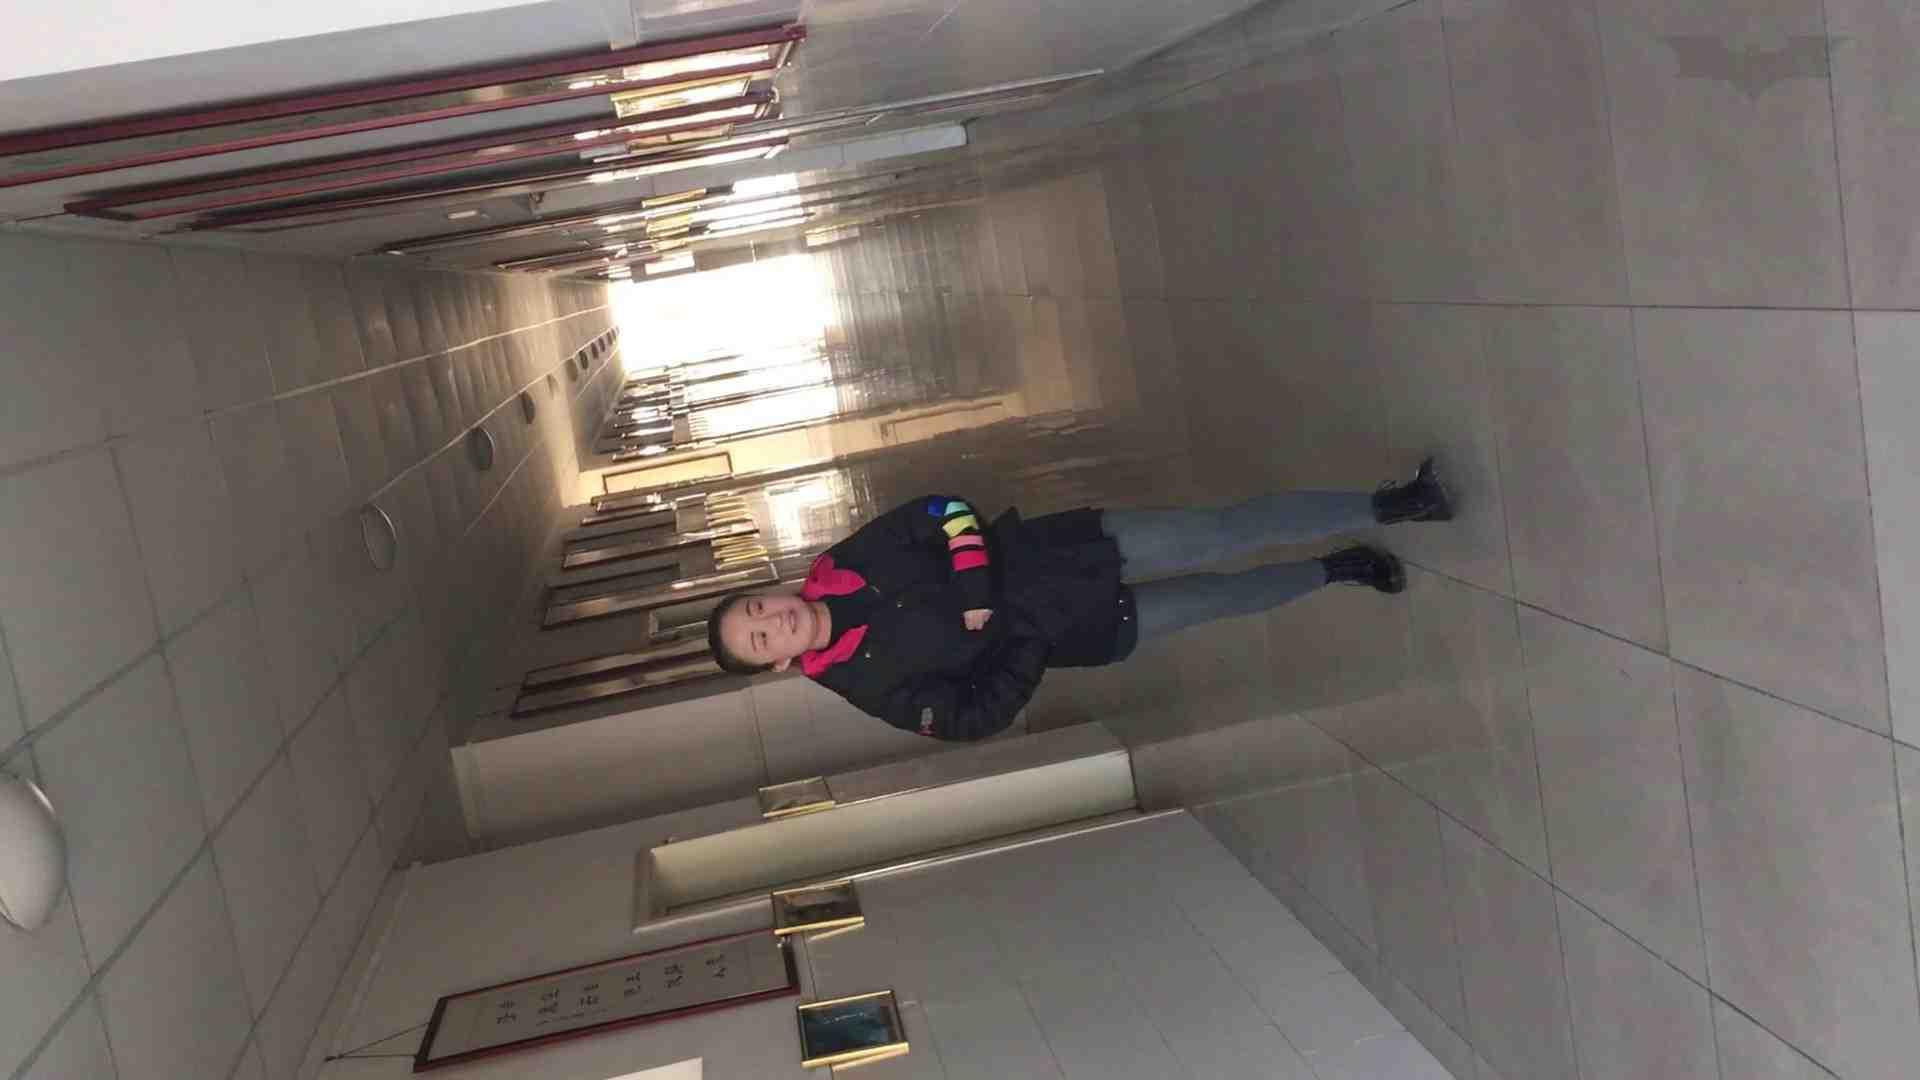 芸術大学ガチ潜入盗撮 JD盗撮 美女の洗面所の秘密 Vol.81 トイレ 盗み撮り動画キャプチャ 83pic 29